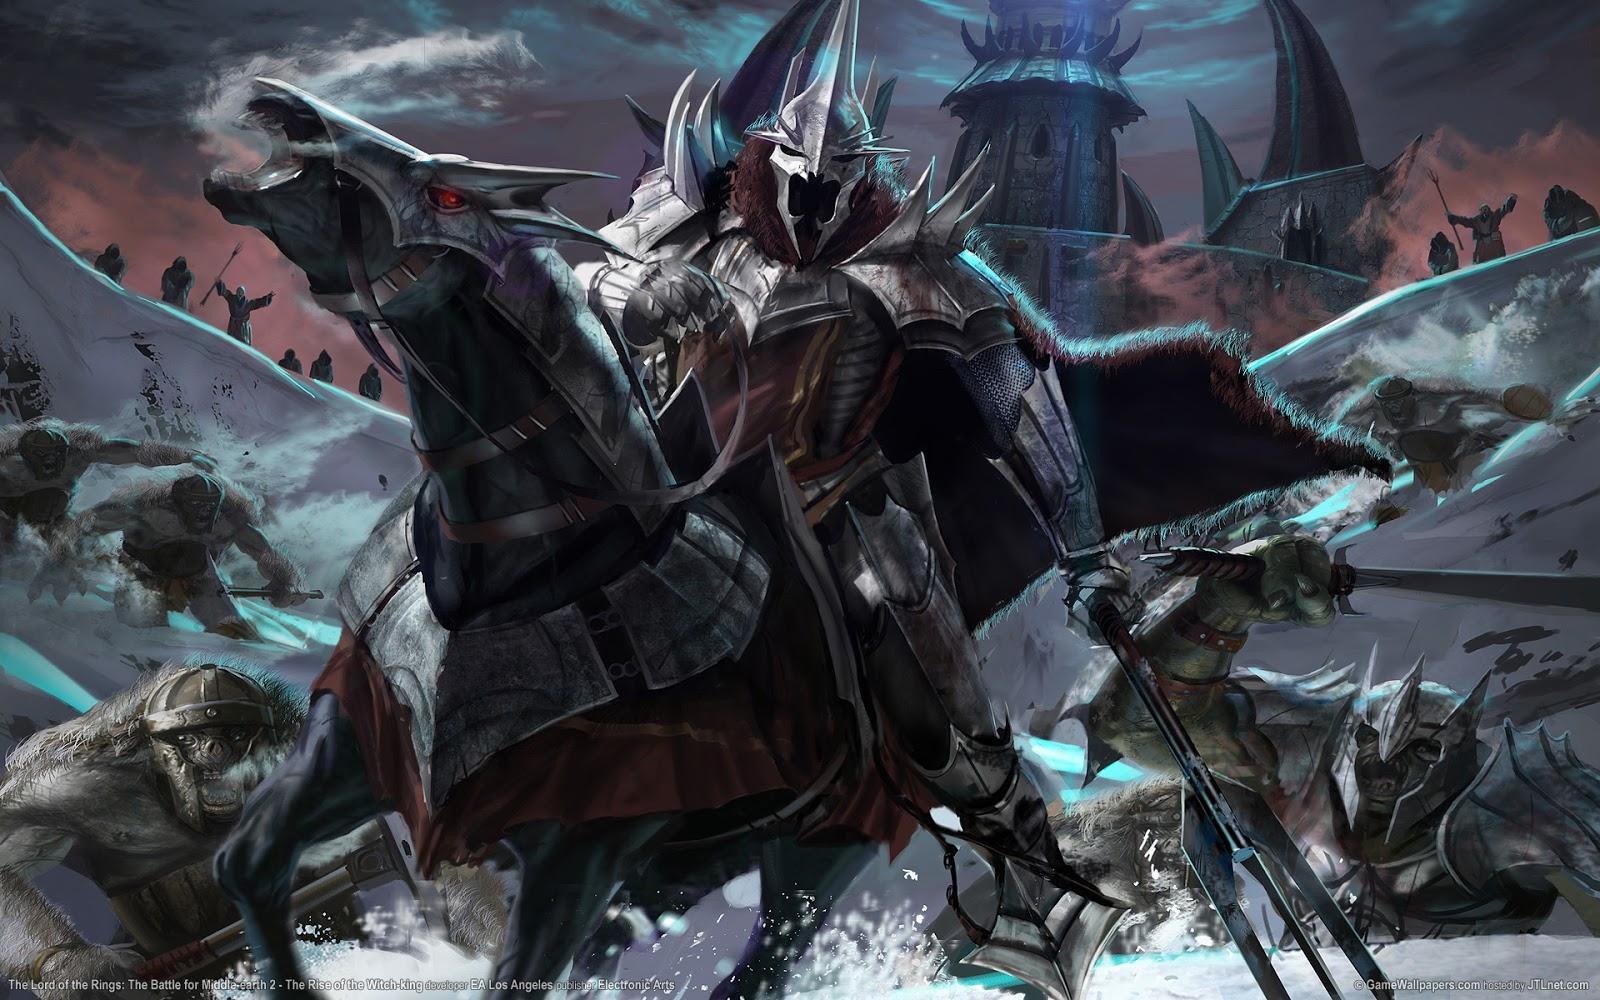 Killzone Shadow Fall 1080p Wallpaper Wallpapers HD: 59 Wall...